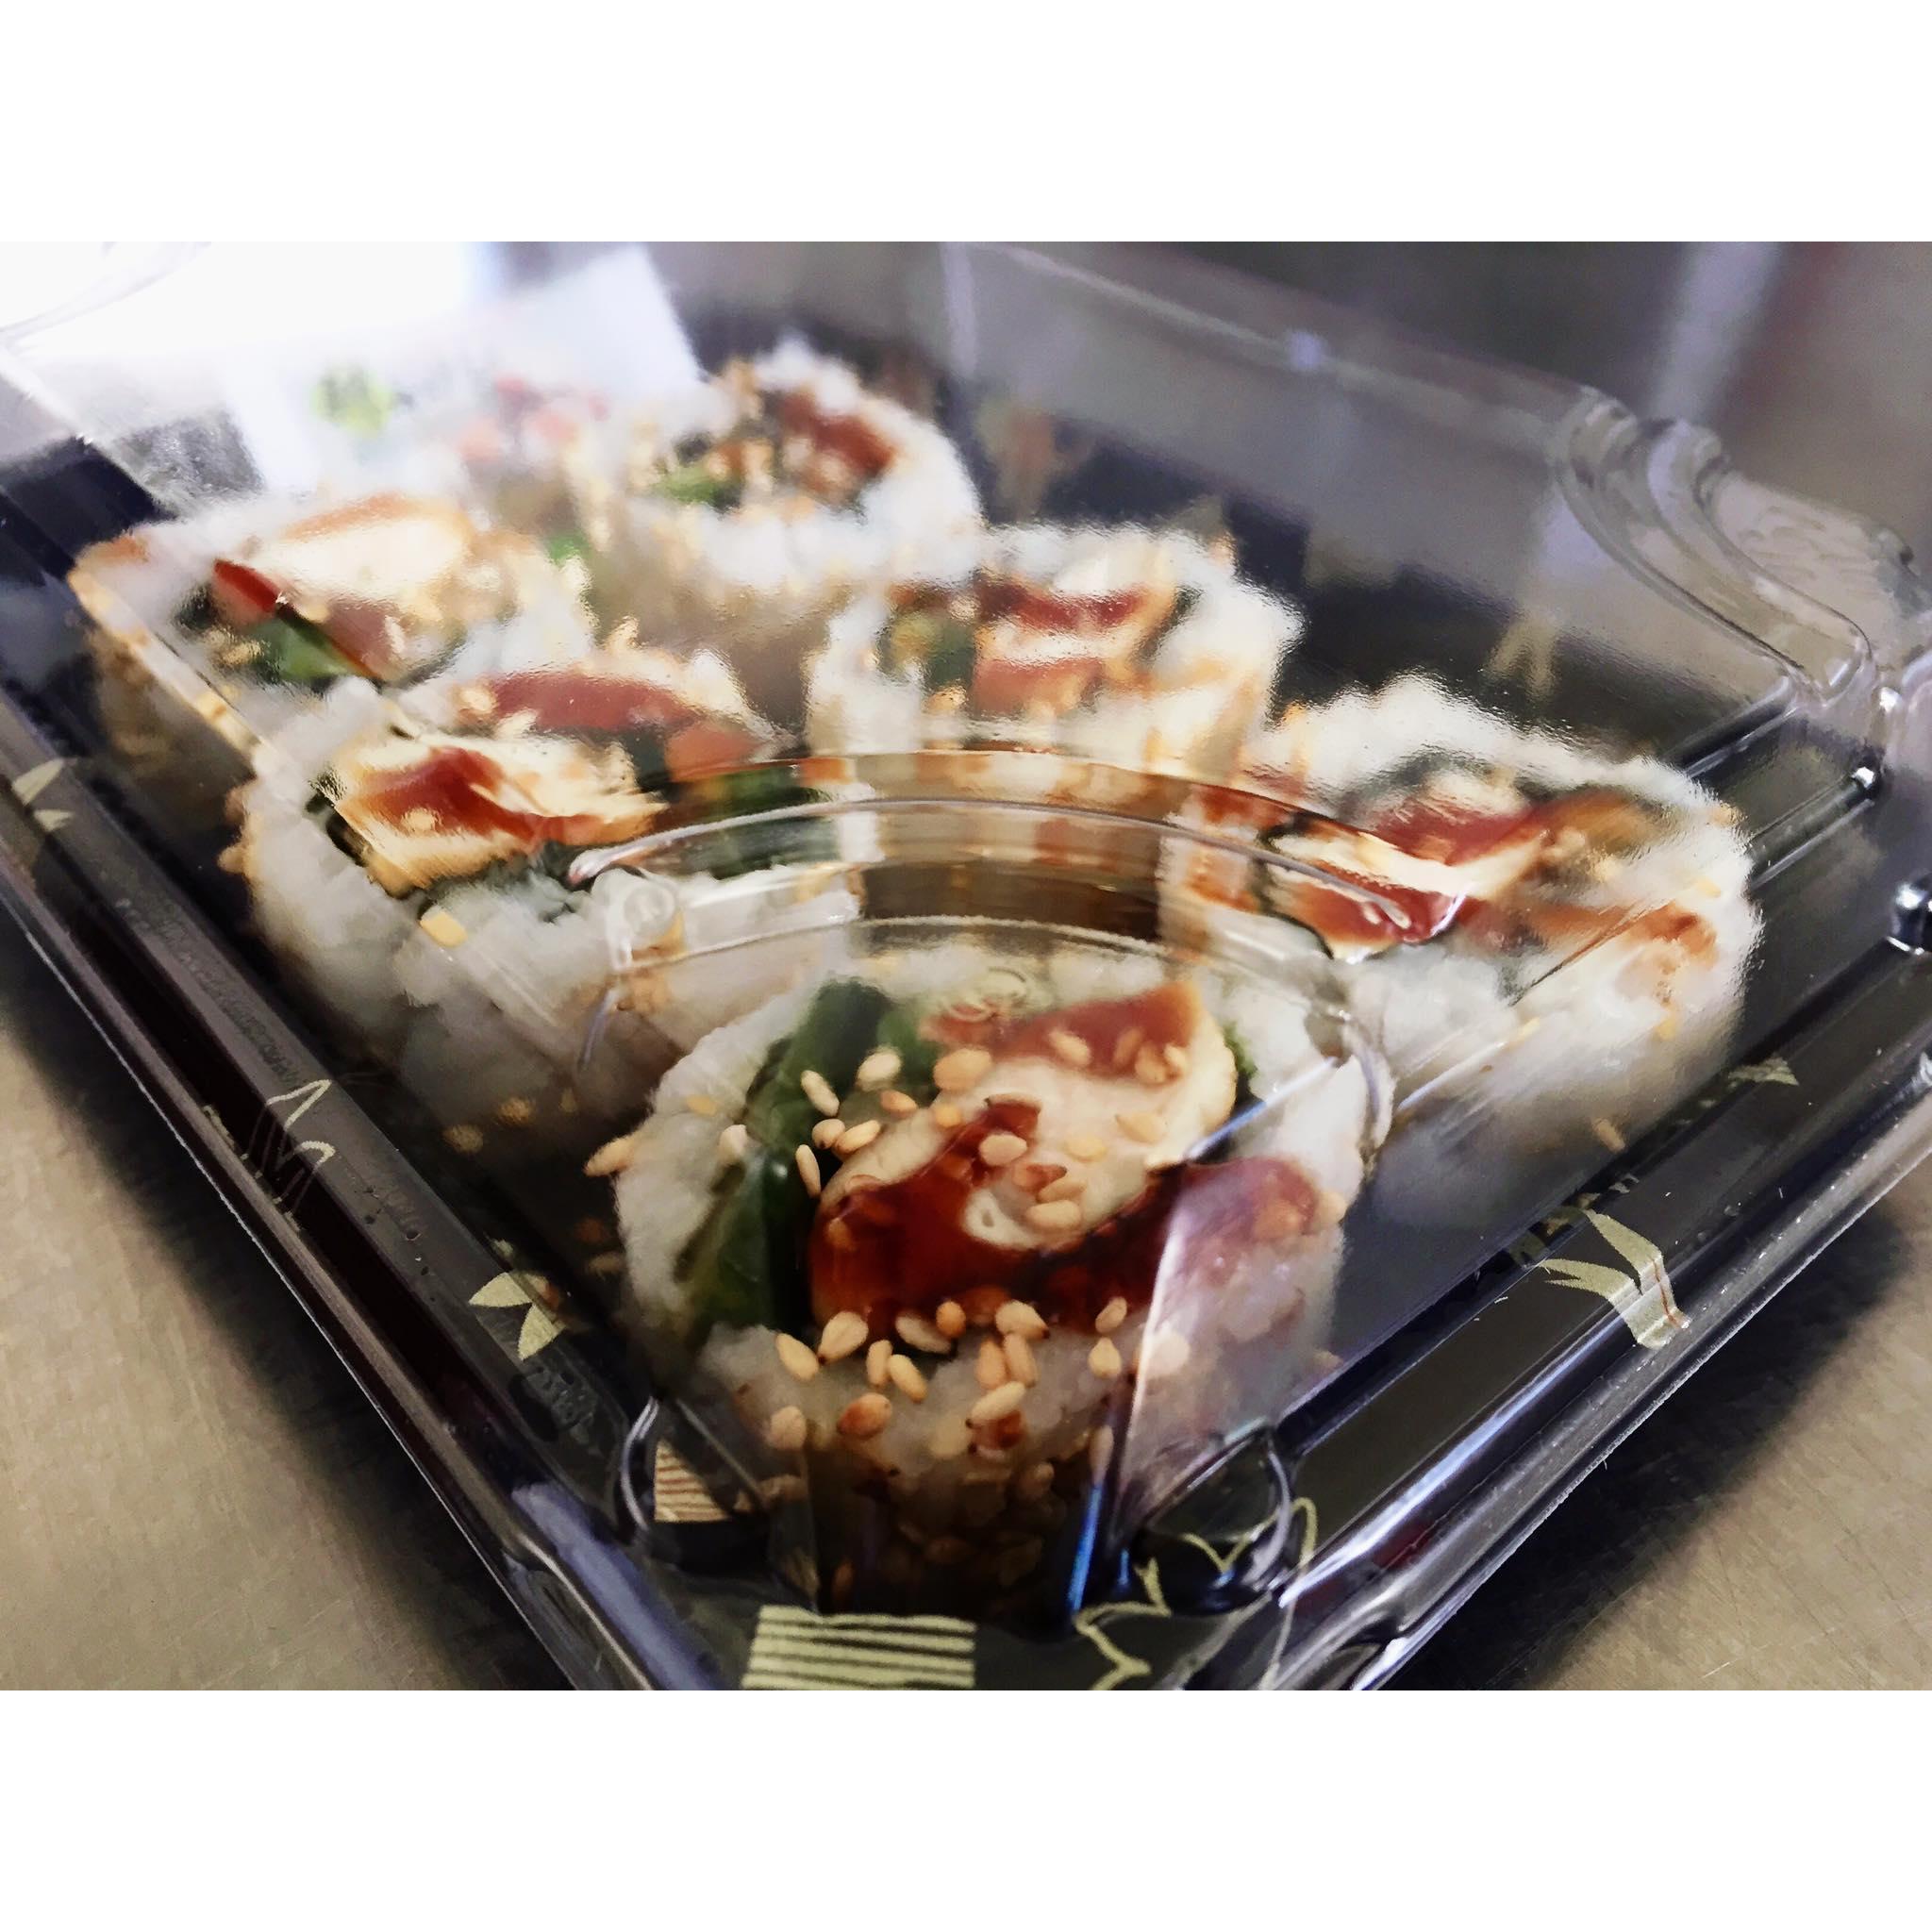 6 x Teriyaki Chicken Sushi Rolls - £5.50